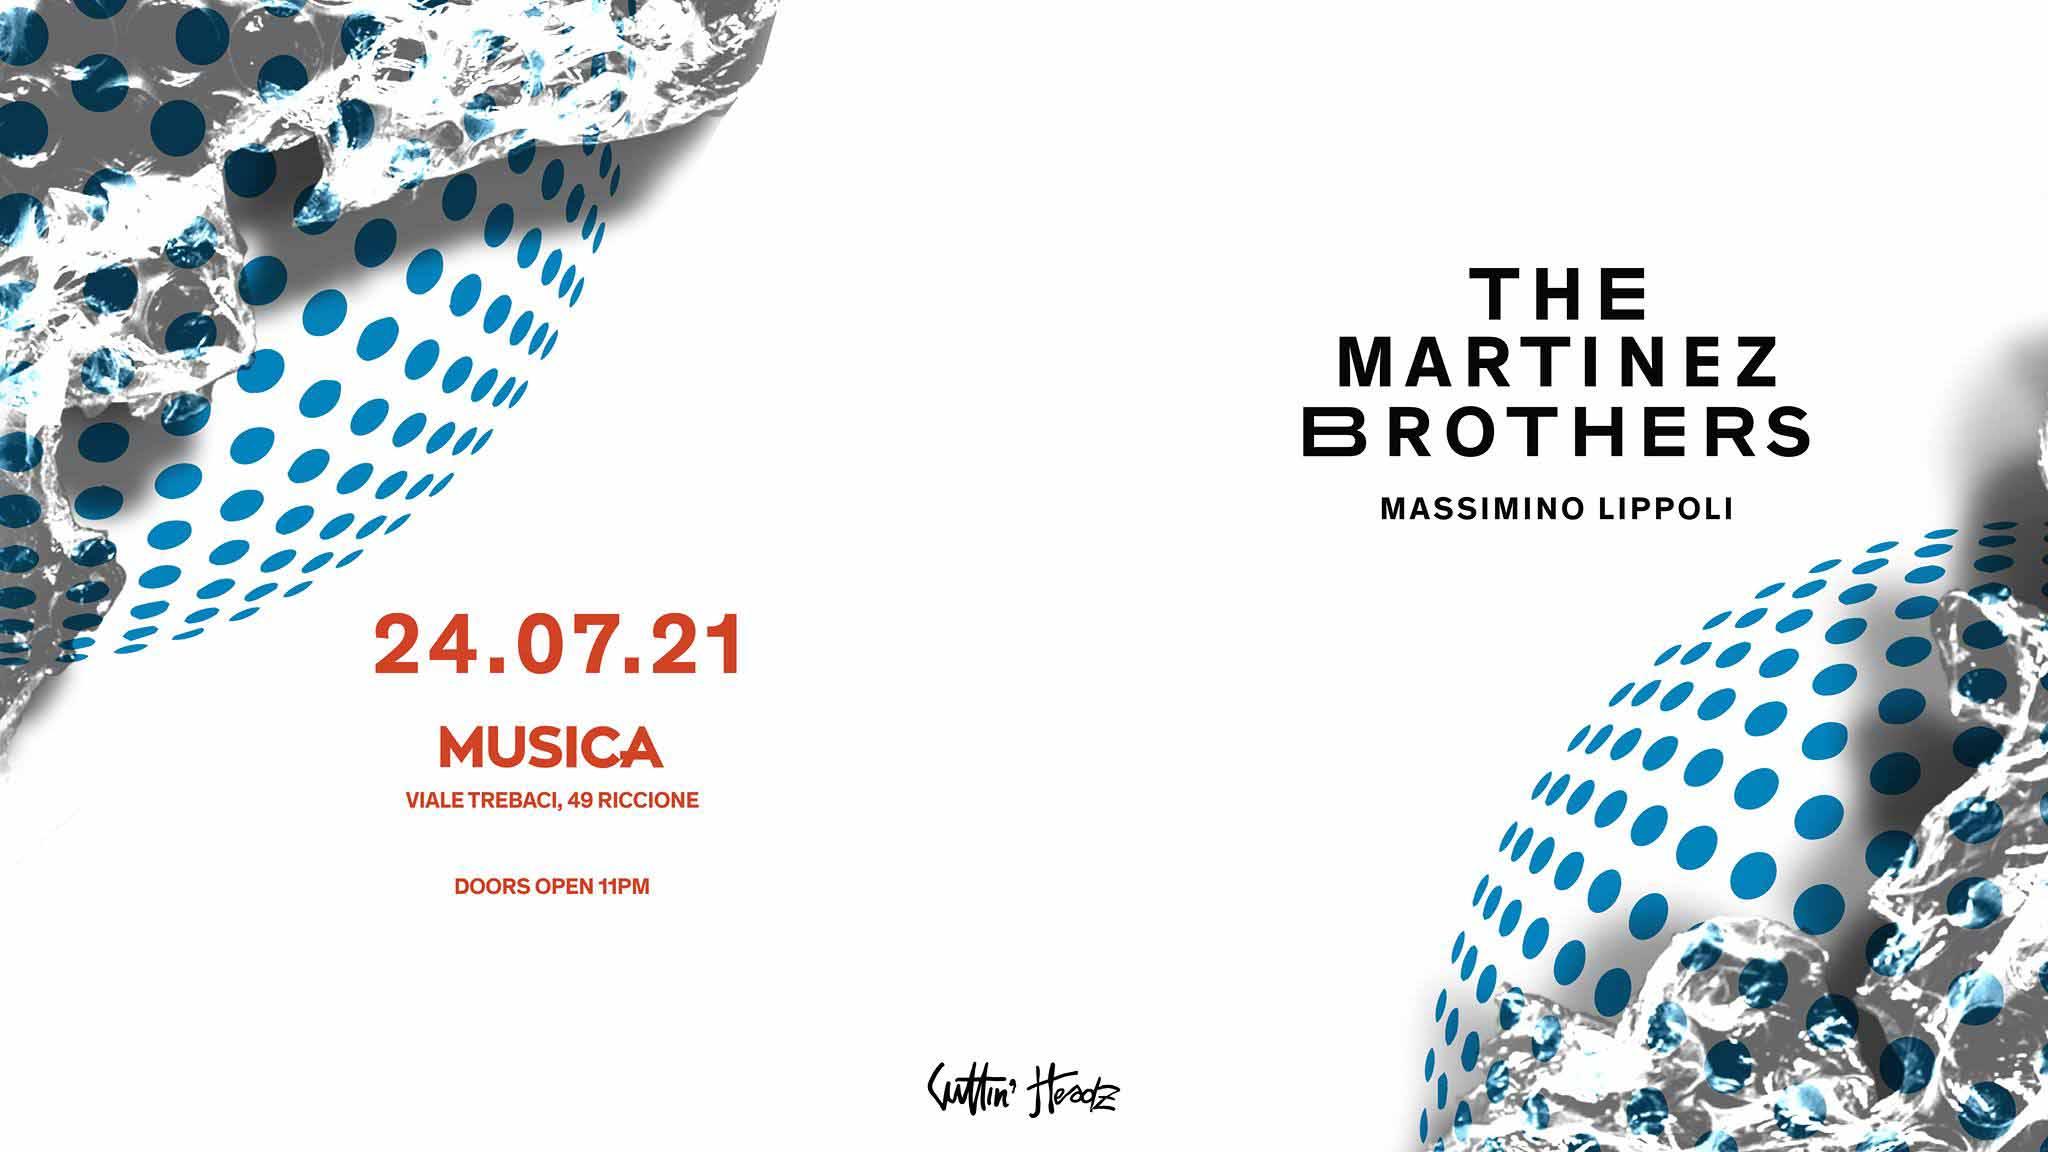 musica riccione the martinez brothers 24 07 2021